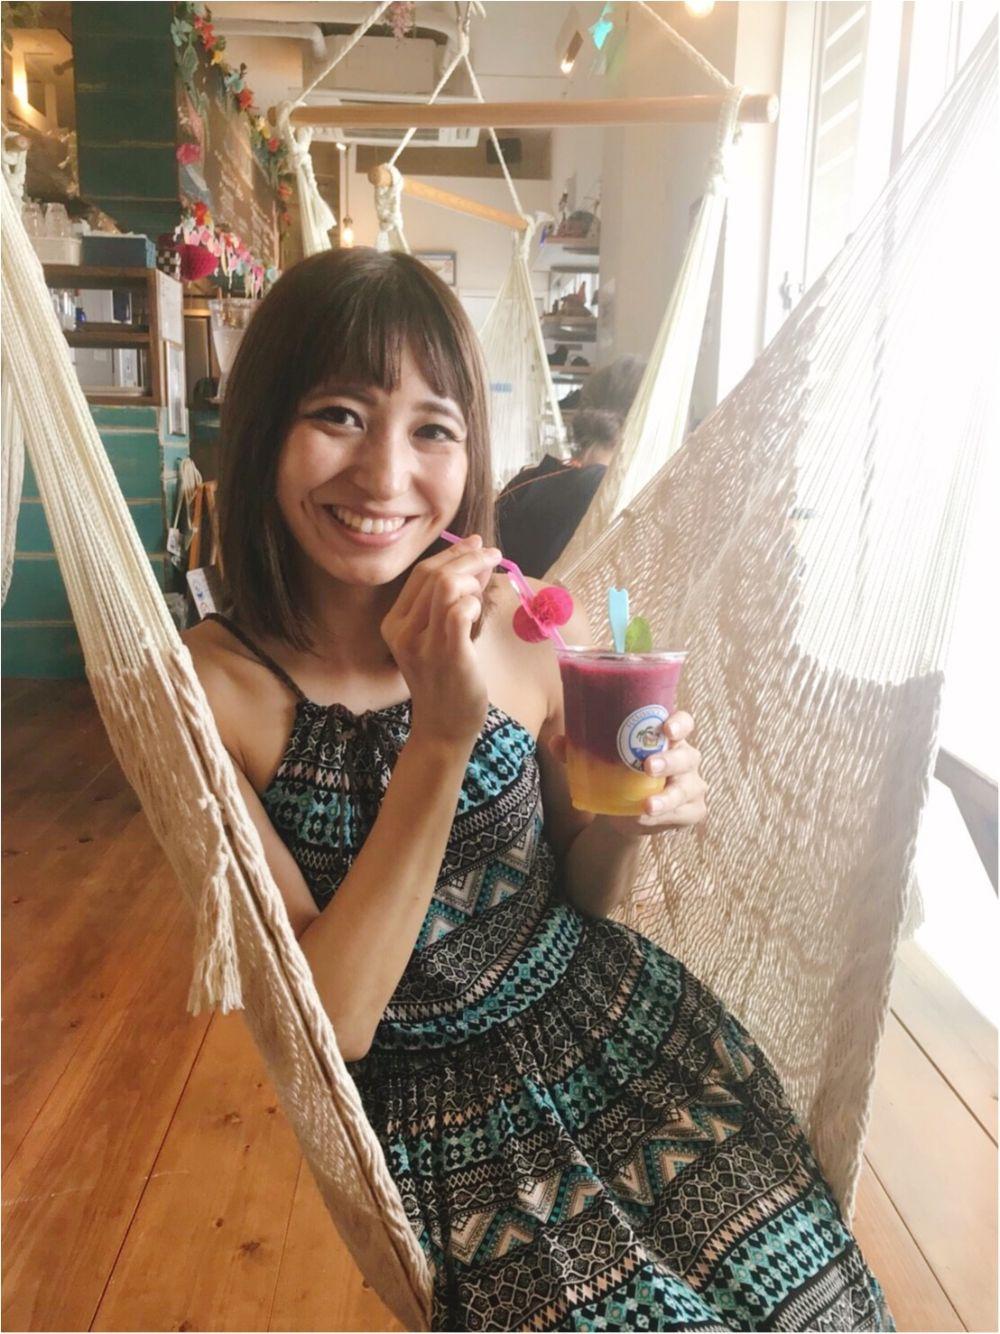 沖縄女子旅特集 - 夏休みにおすすめ! おしゃれなインスタ映えカフェ、観光スポットまとめ_62